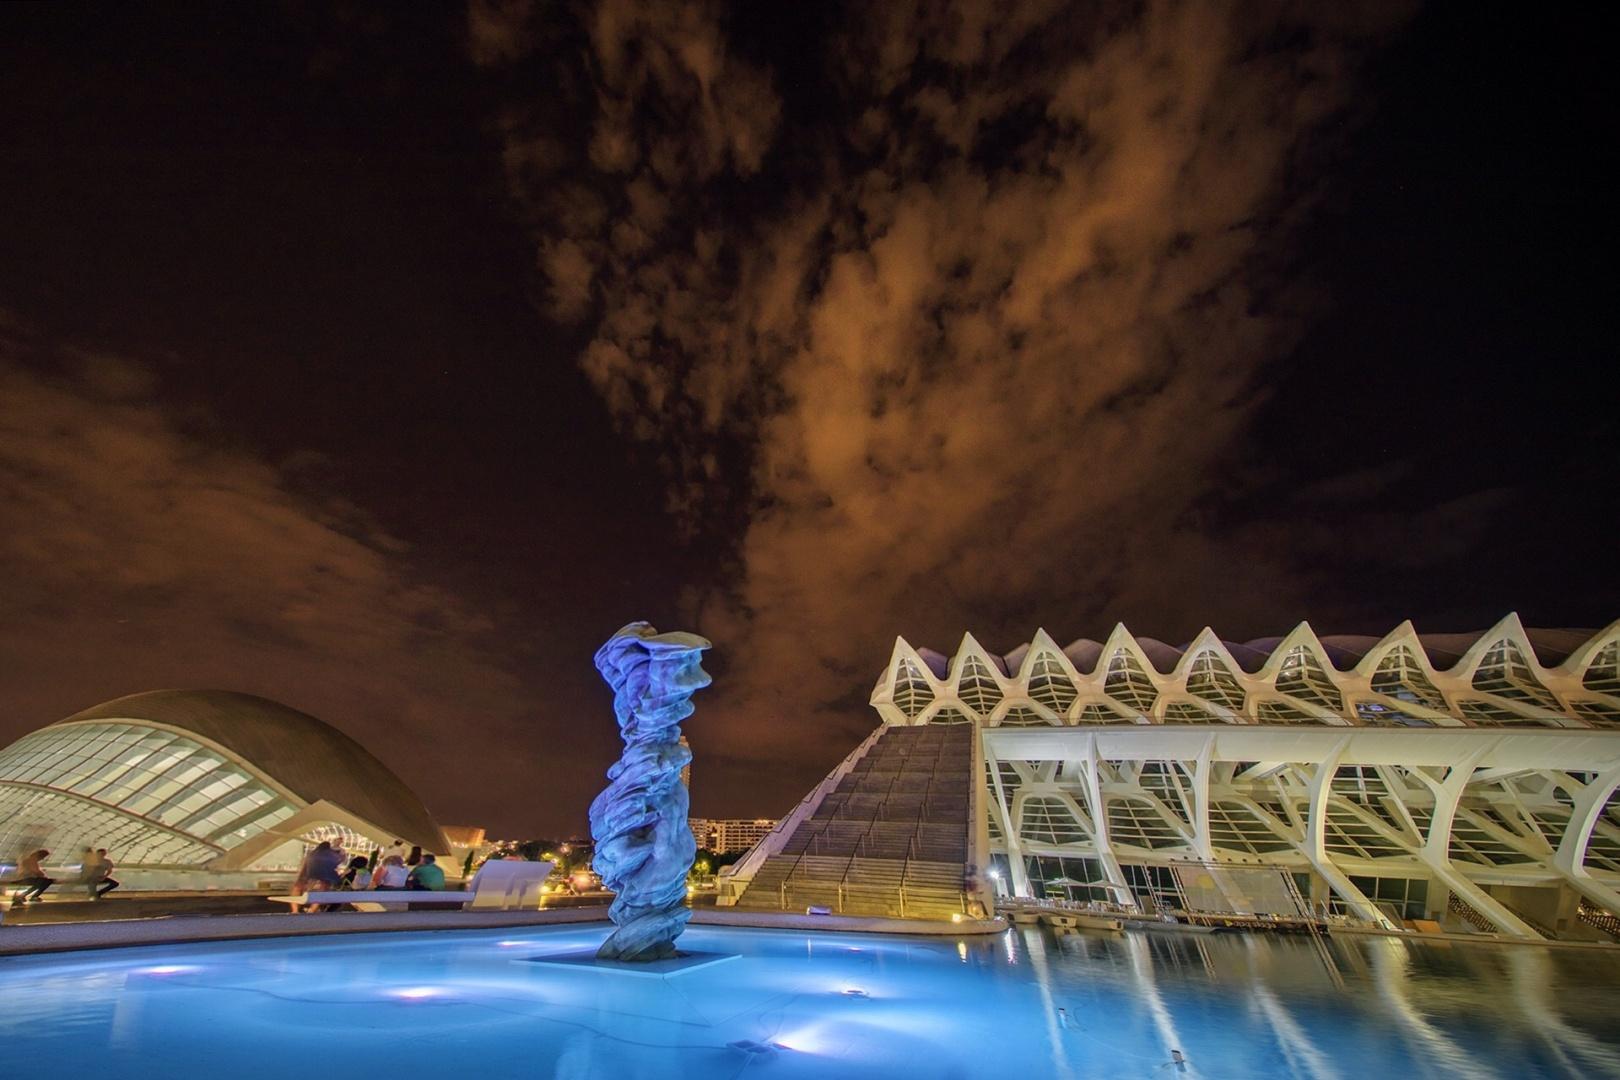 Arquitetura/Escultura de acrílico e nuvens